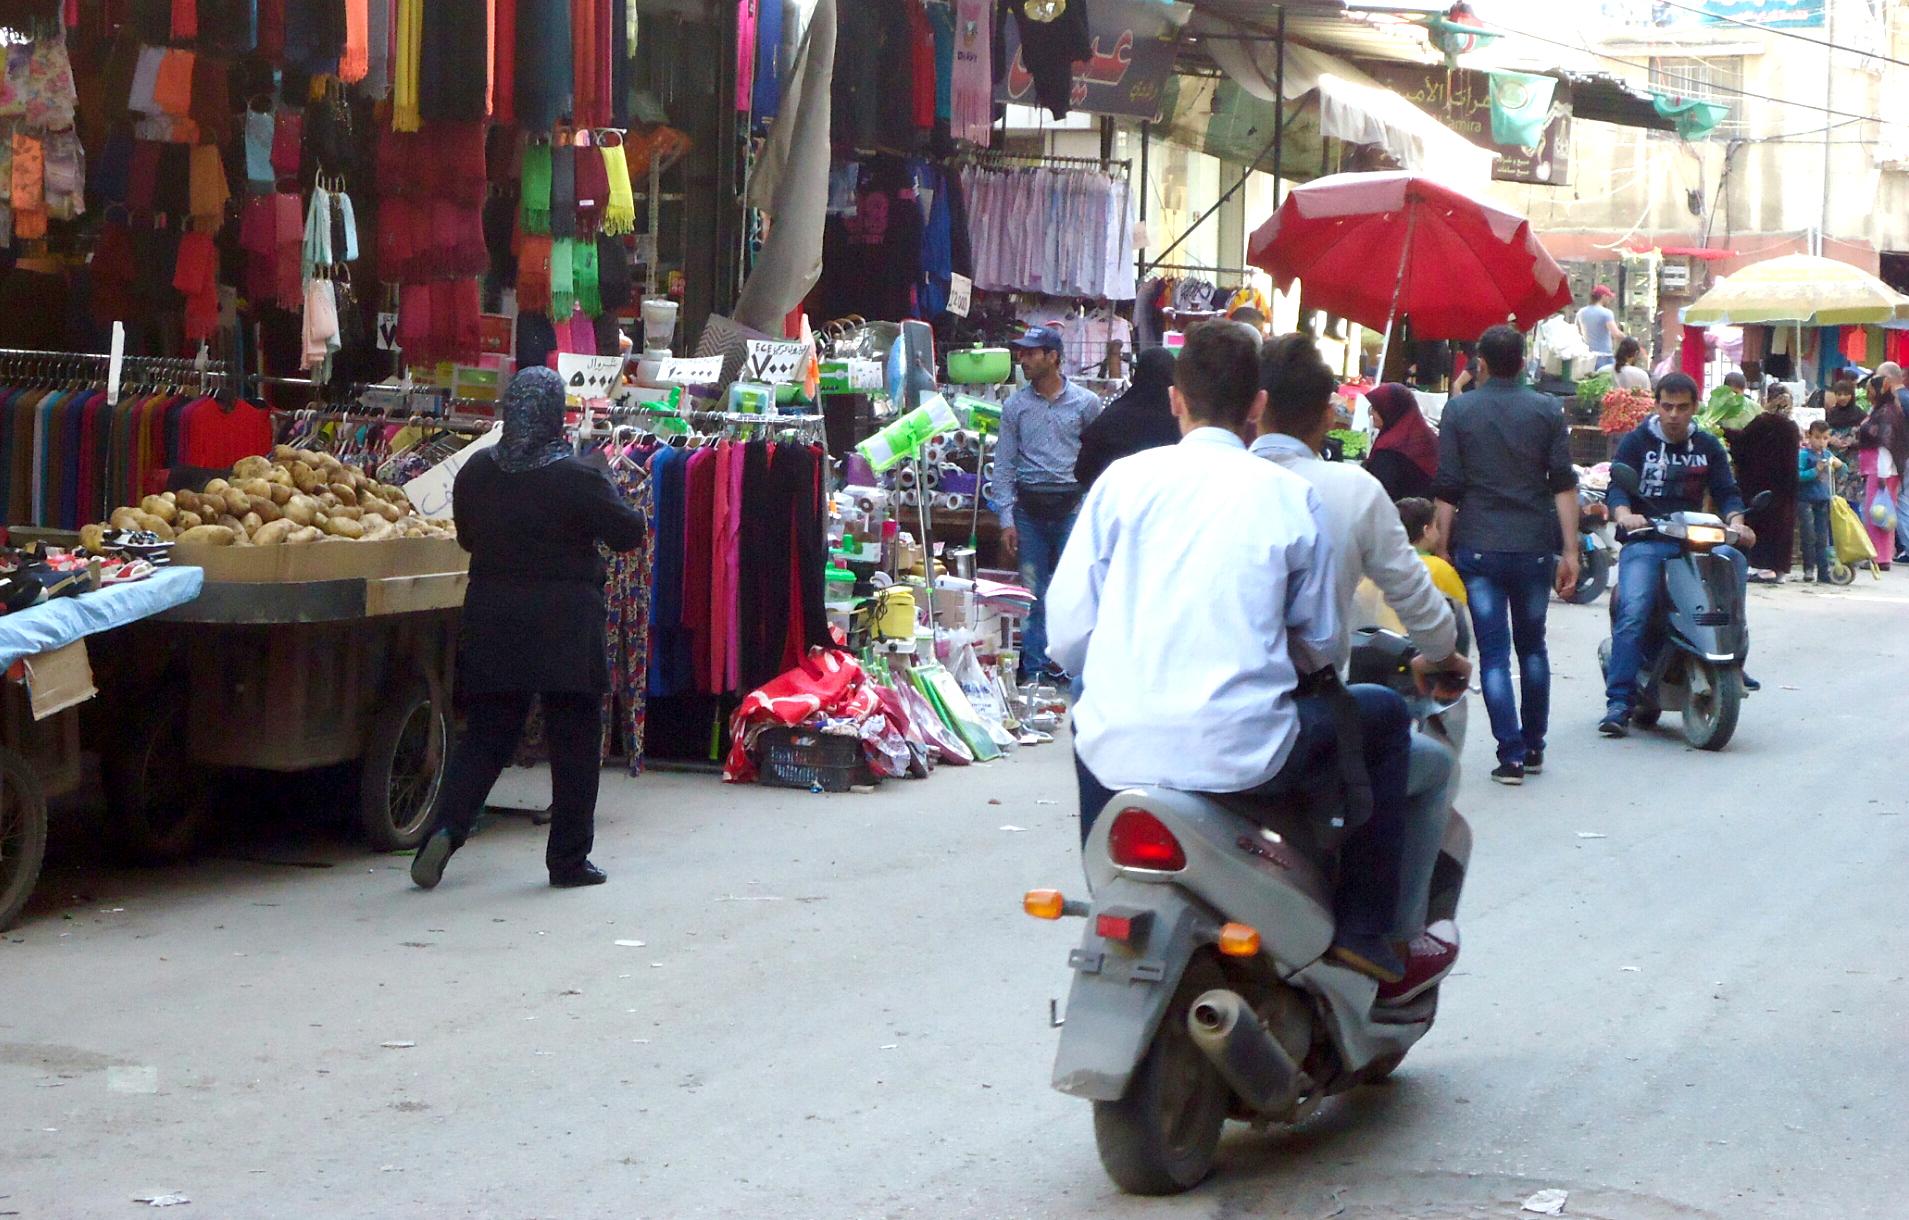 الأزمات تفاقم معدل الفقر في لبنان